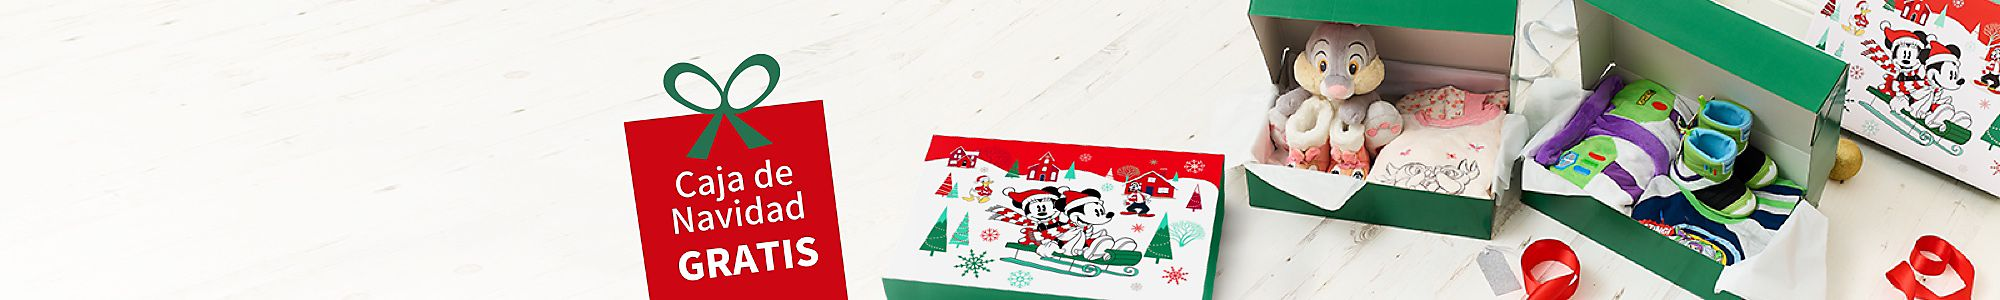 Caja de Navidad gratis Al comprar dos artículos de la coleccion para la hora de dormir COMPRAR